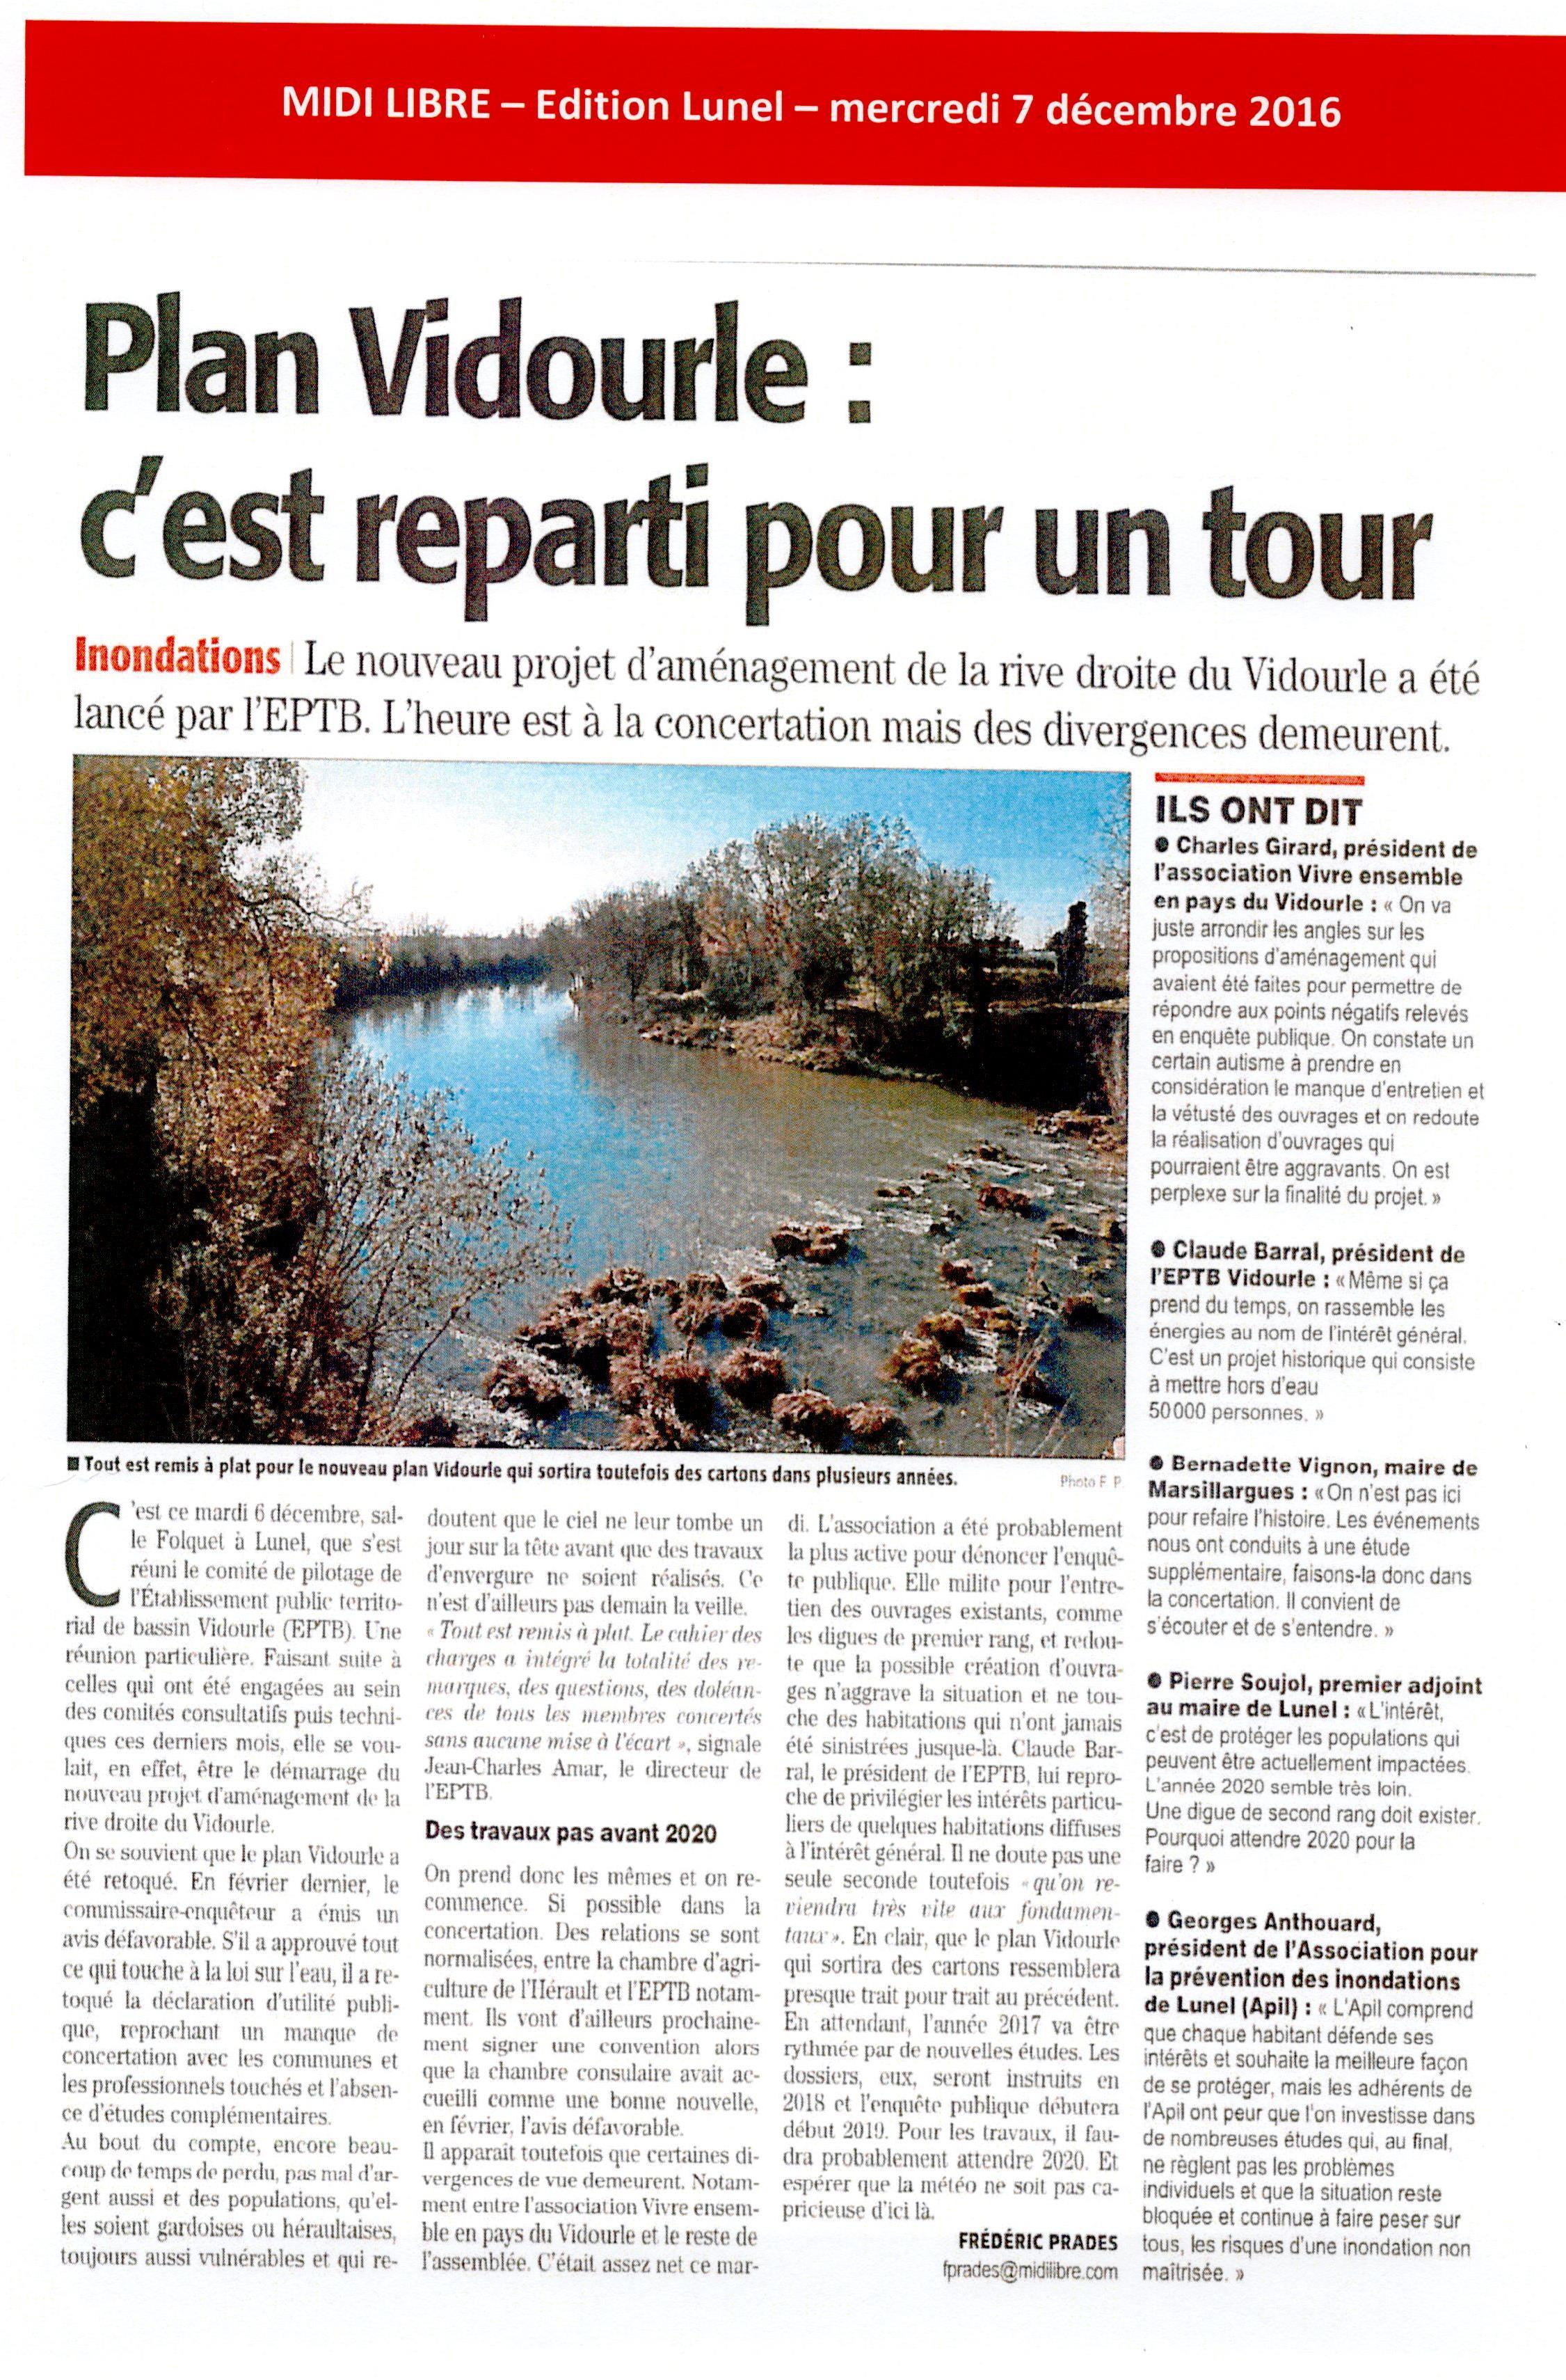 Le nouveau projet d'aménagement de la rive droite du Vidourle a été lancé par l'EPTB